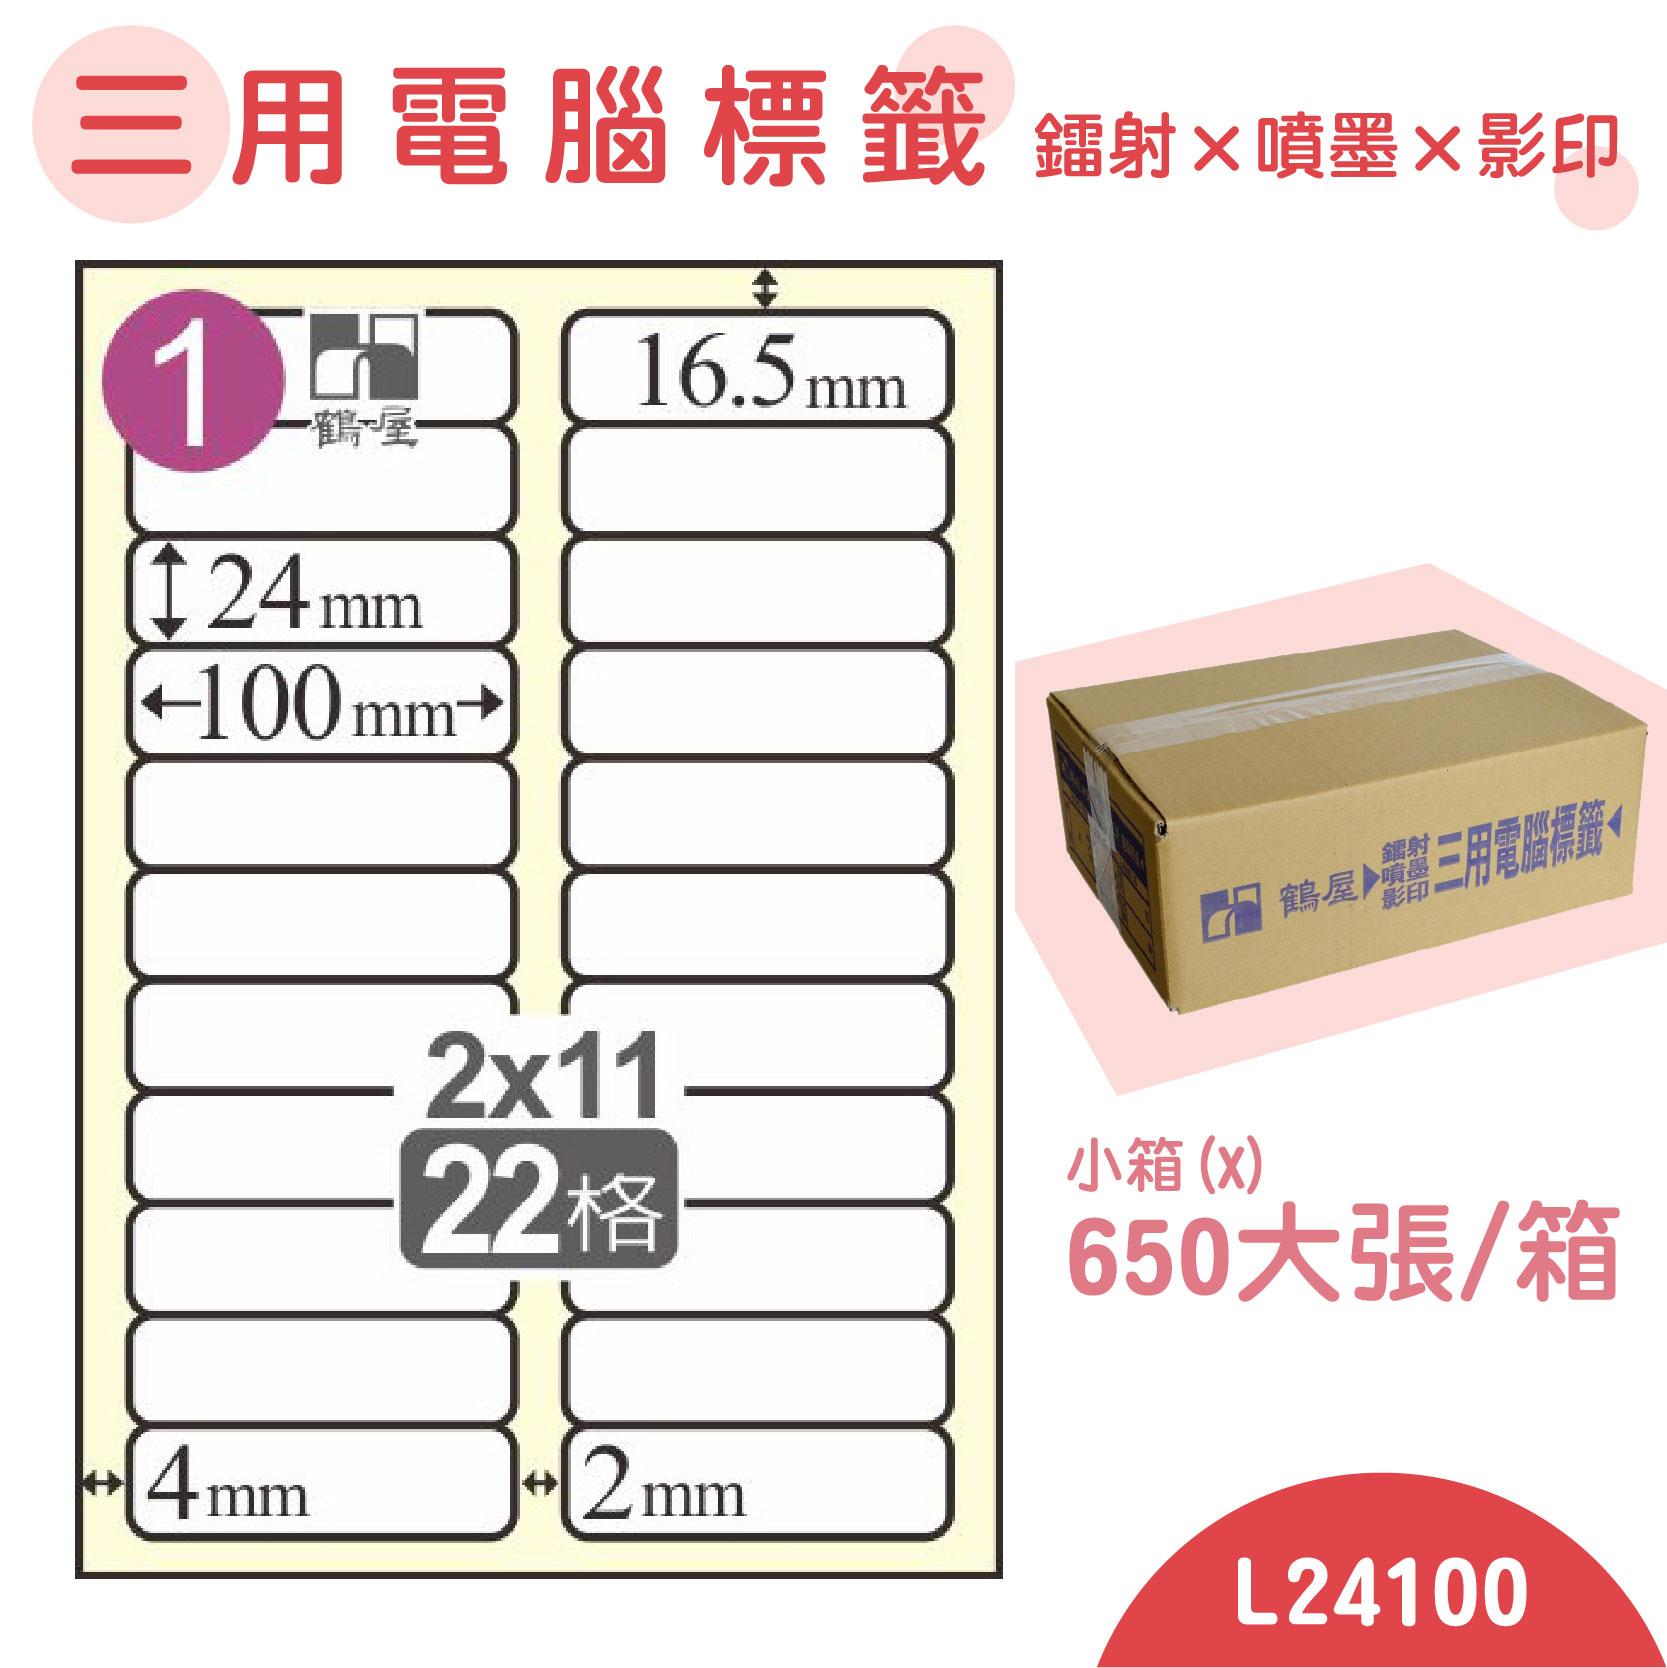 電腦標籤紙(鶴屋) 白色 L24100 22格 650大張/小箱 影印 雷射 噴墨 三用 標籤 貼紙 信封 光碟標籤